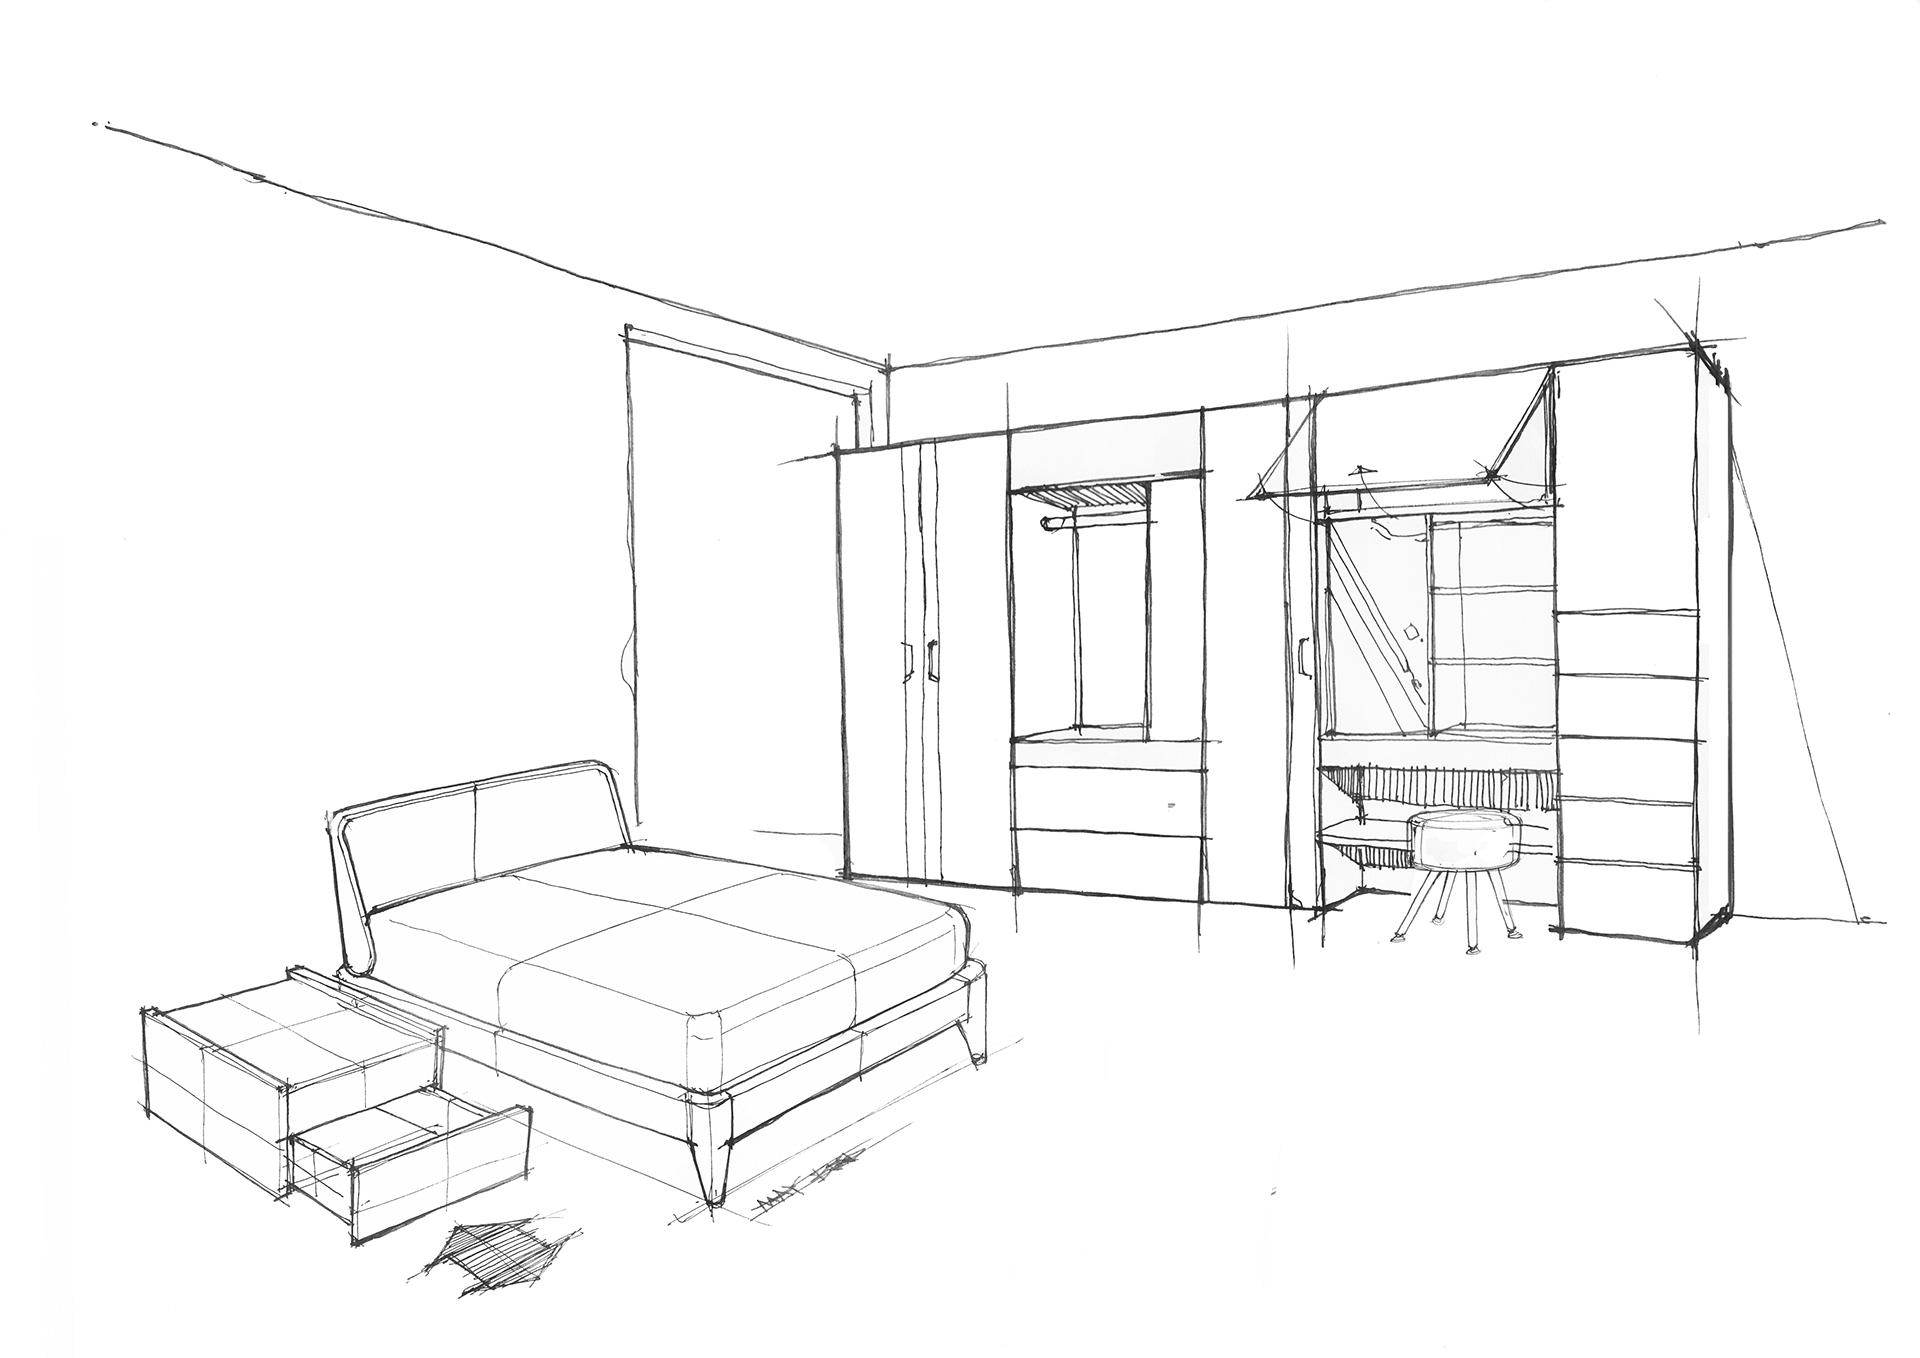 вида картинка чертеж комнаты пришлось идти